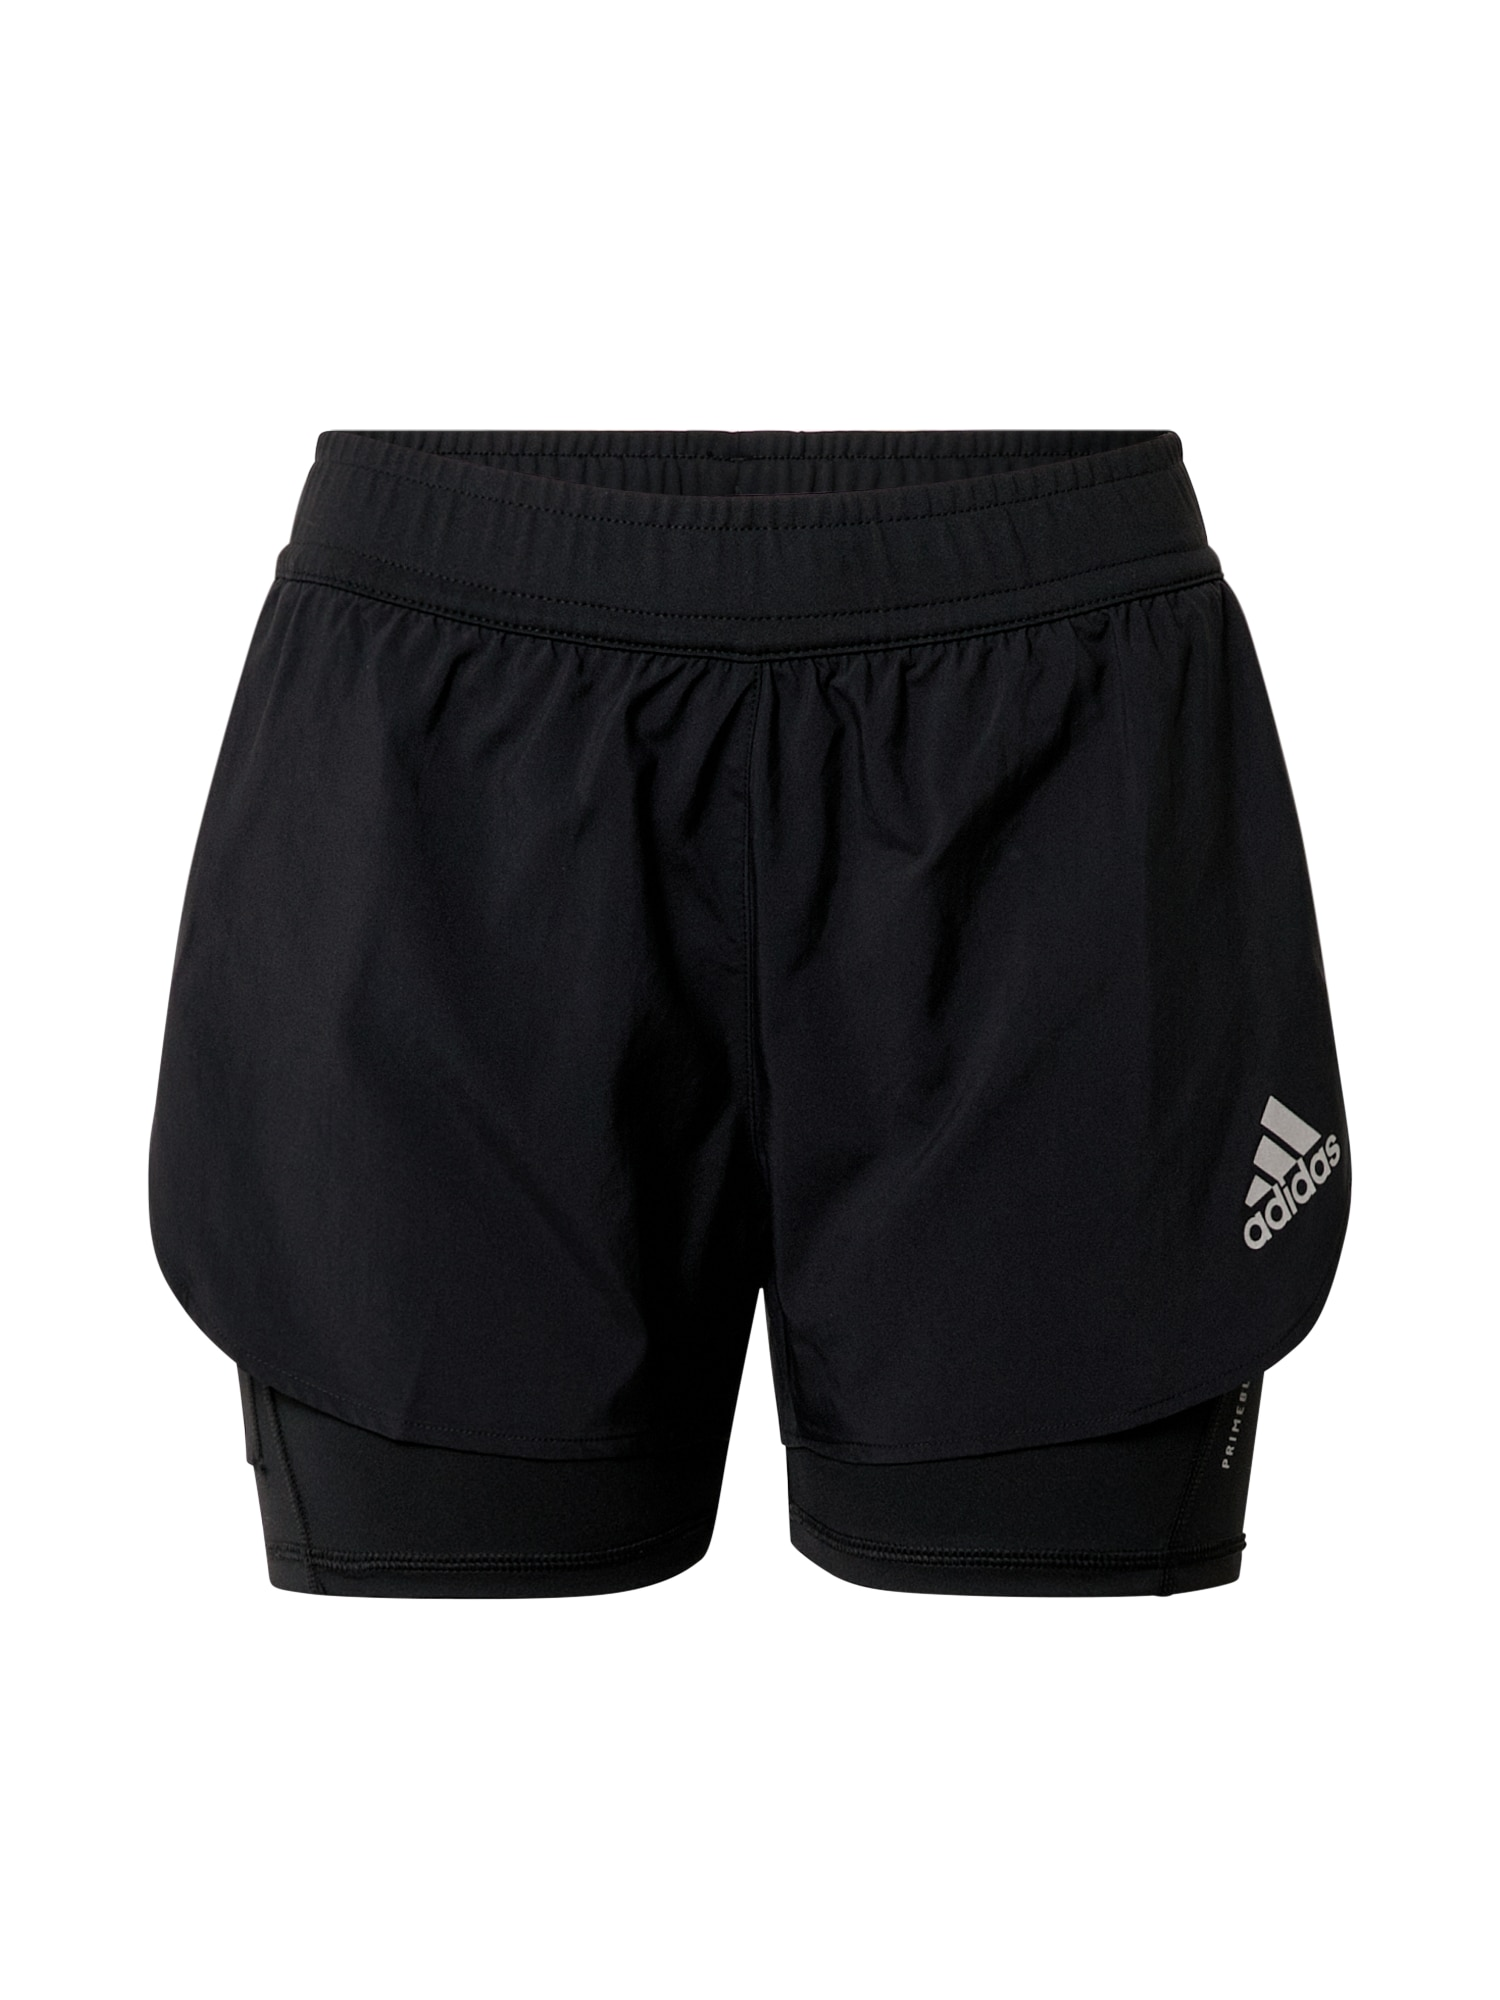 ADIDAS PERFORMANCE Sportinės kelnės juoda / šviesiai pilka